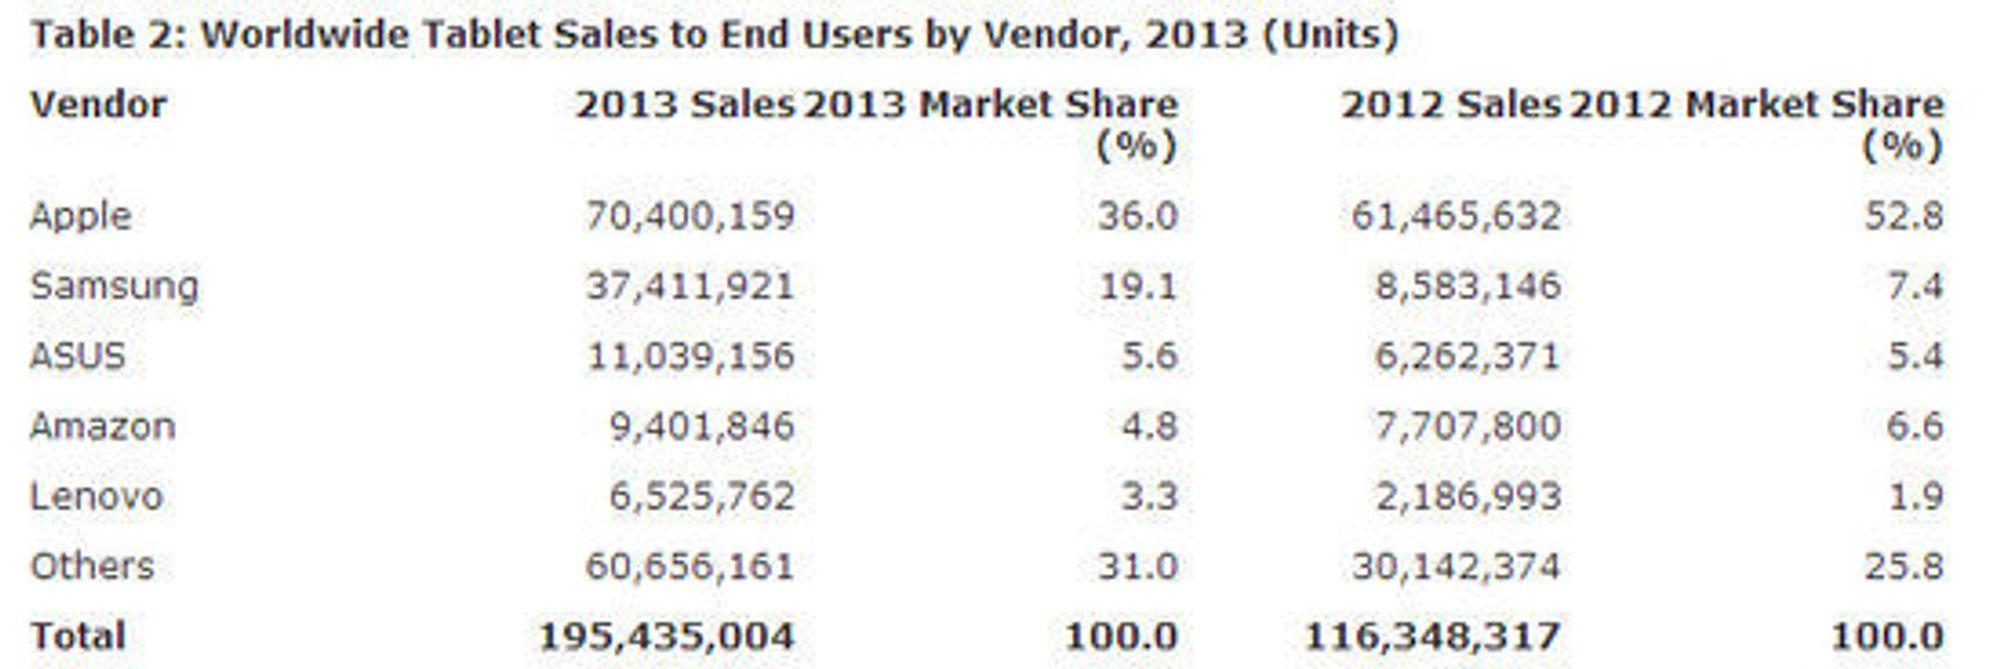 De største leverandørene av nettbrett i 2013, ifølge Gartner.